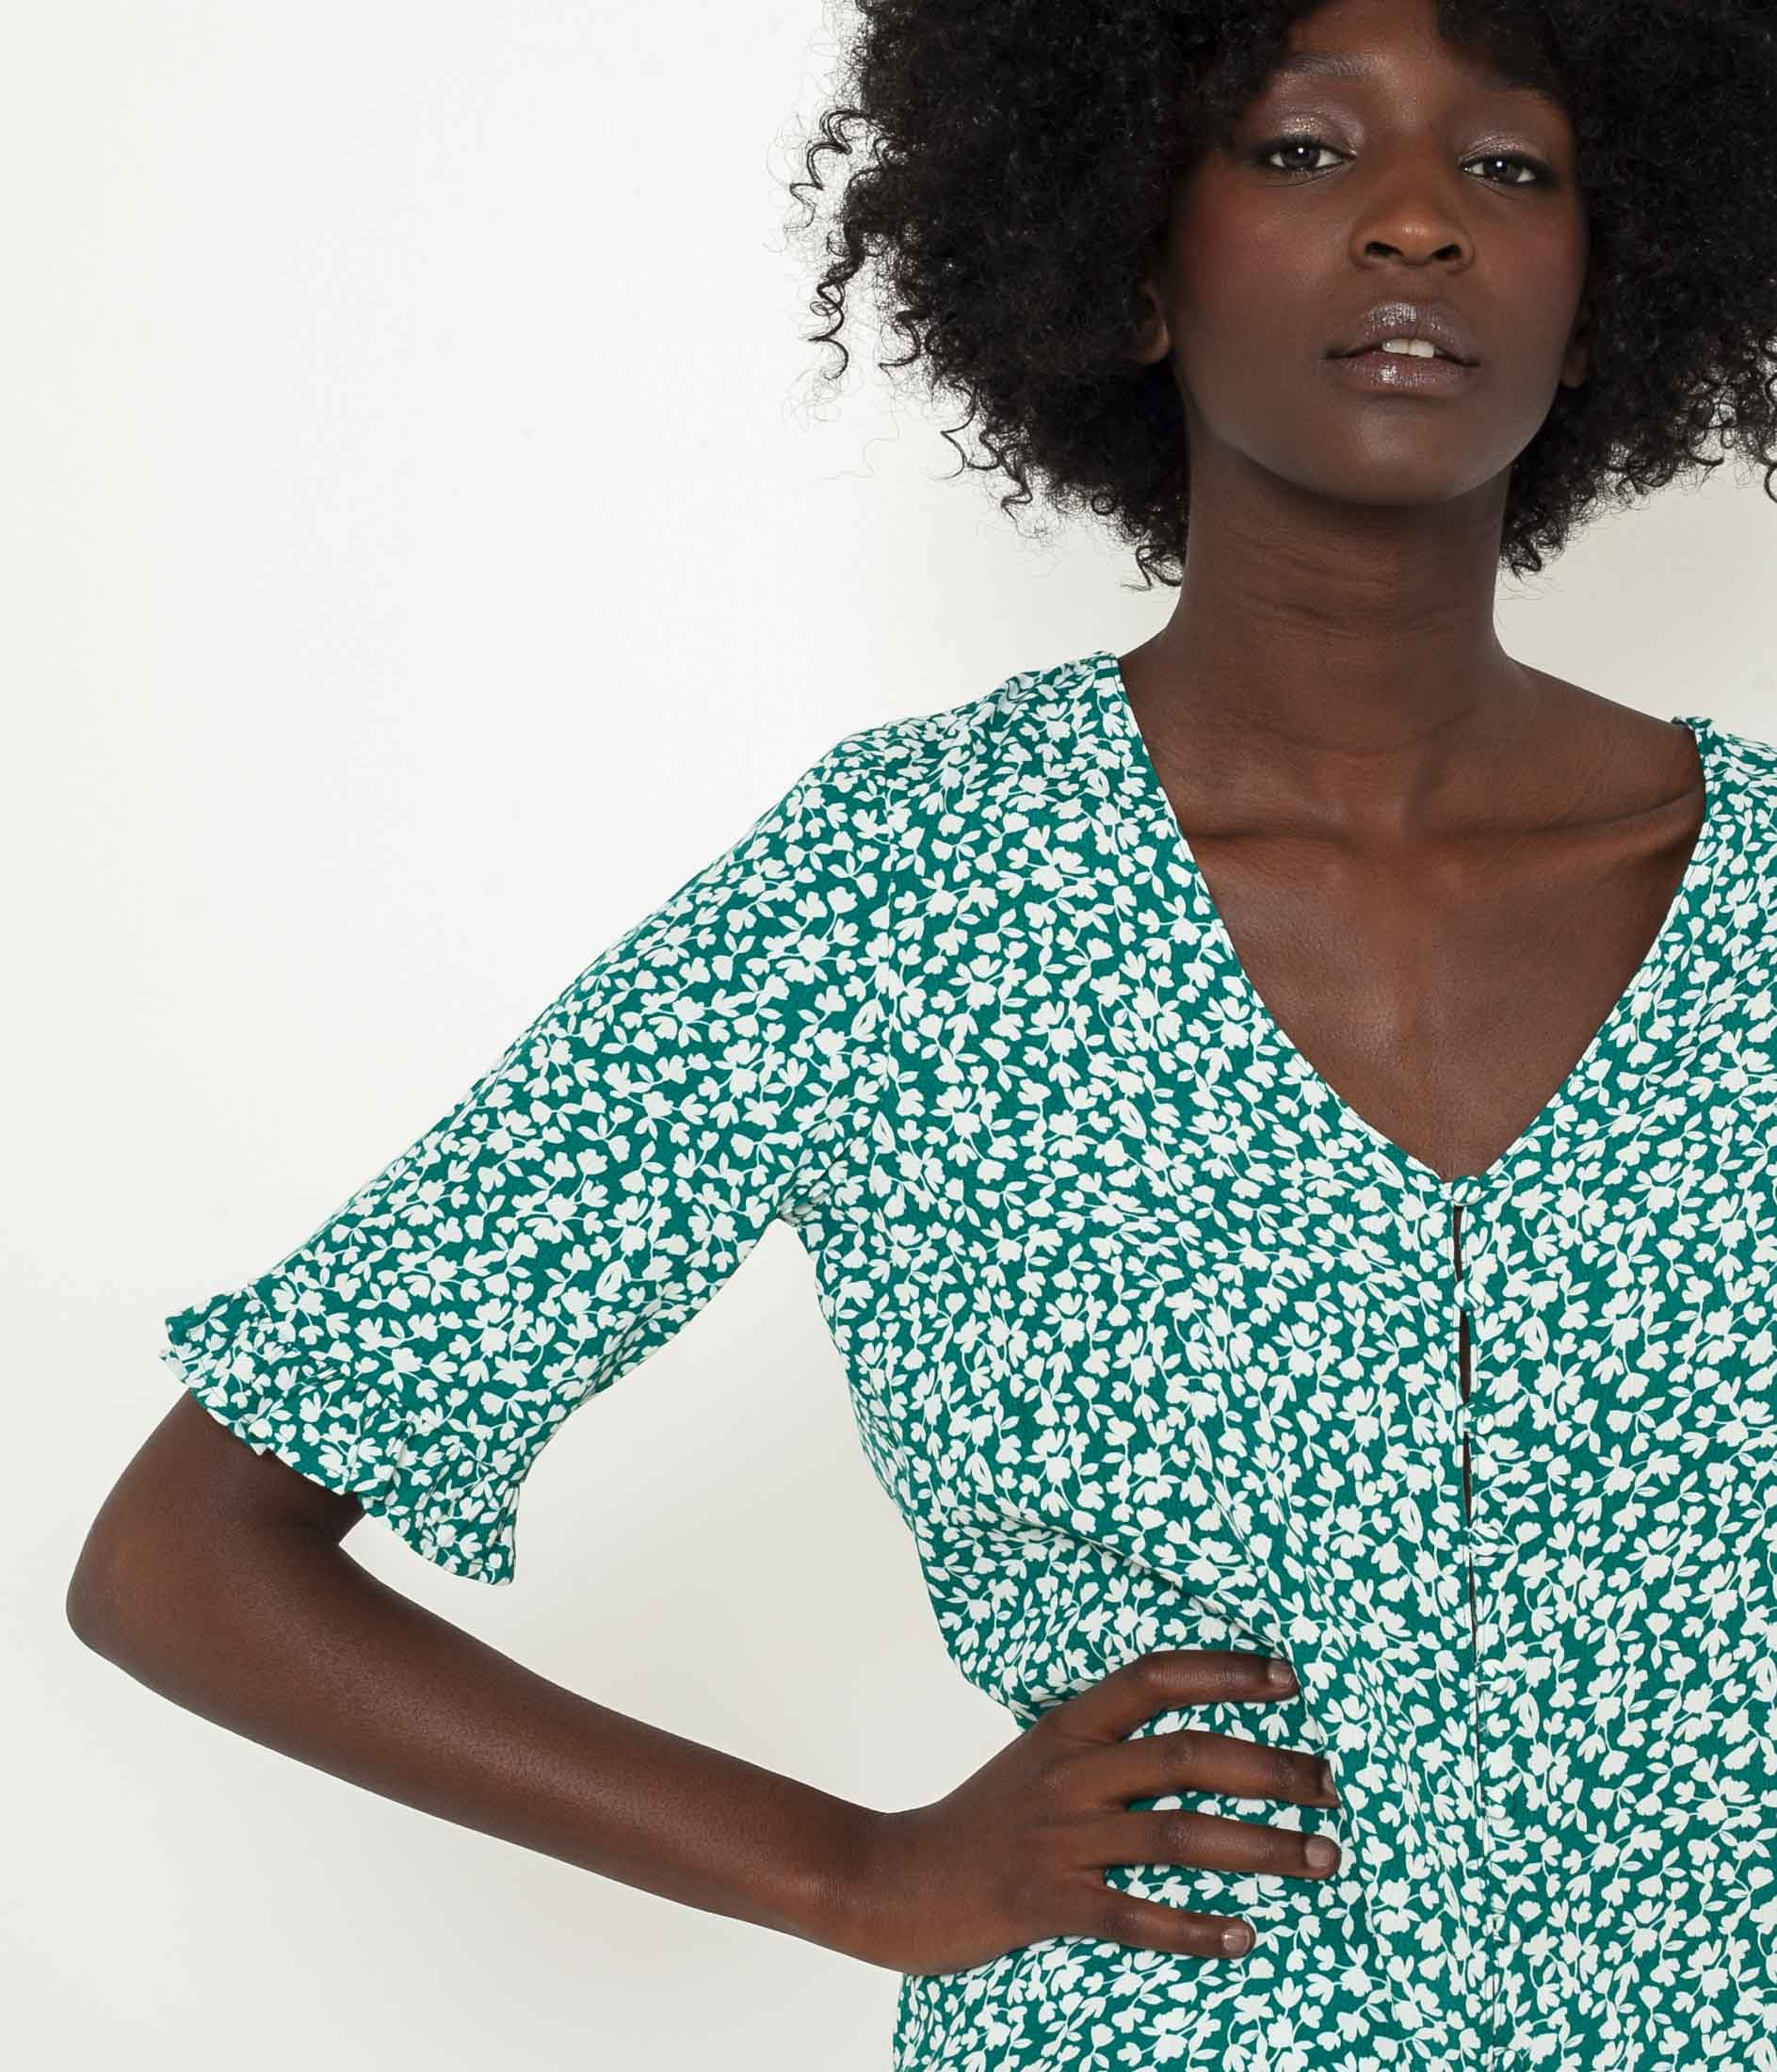 CAMAIEU green blouse with floral motif